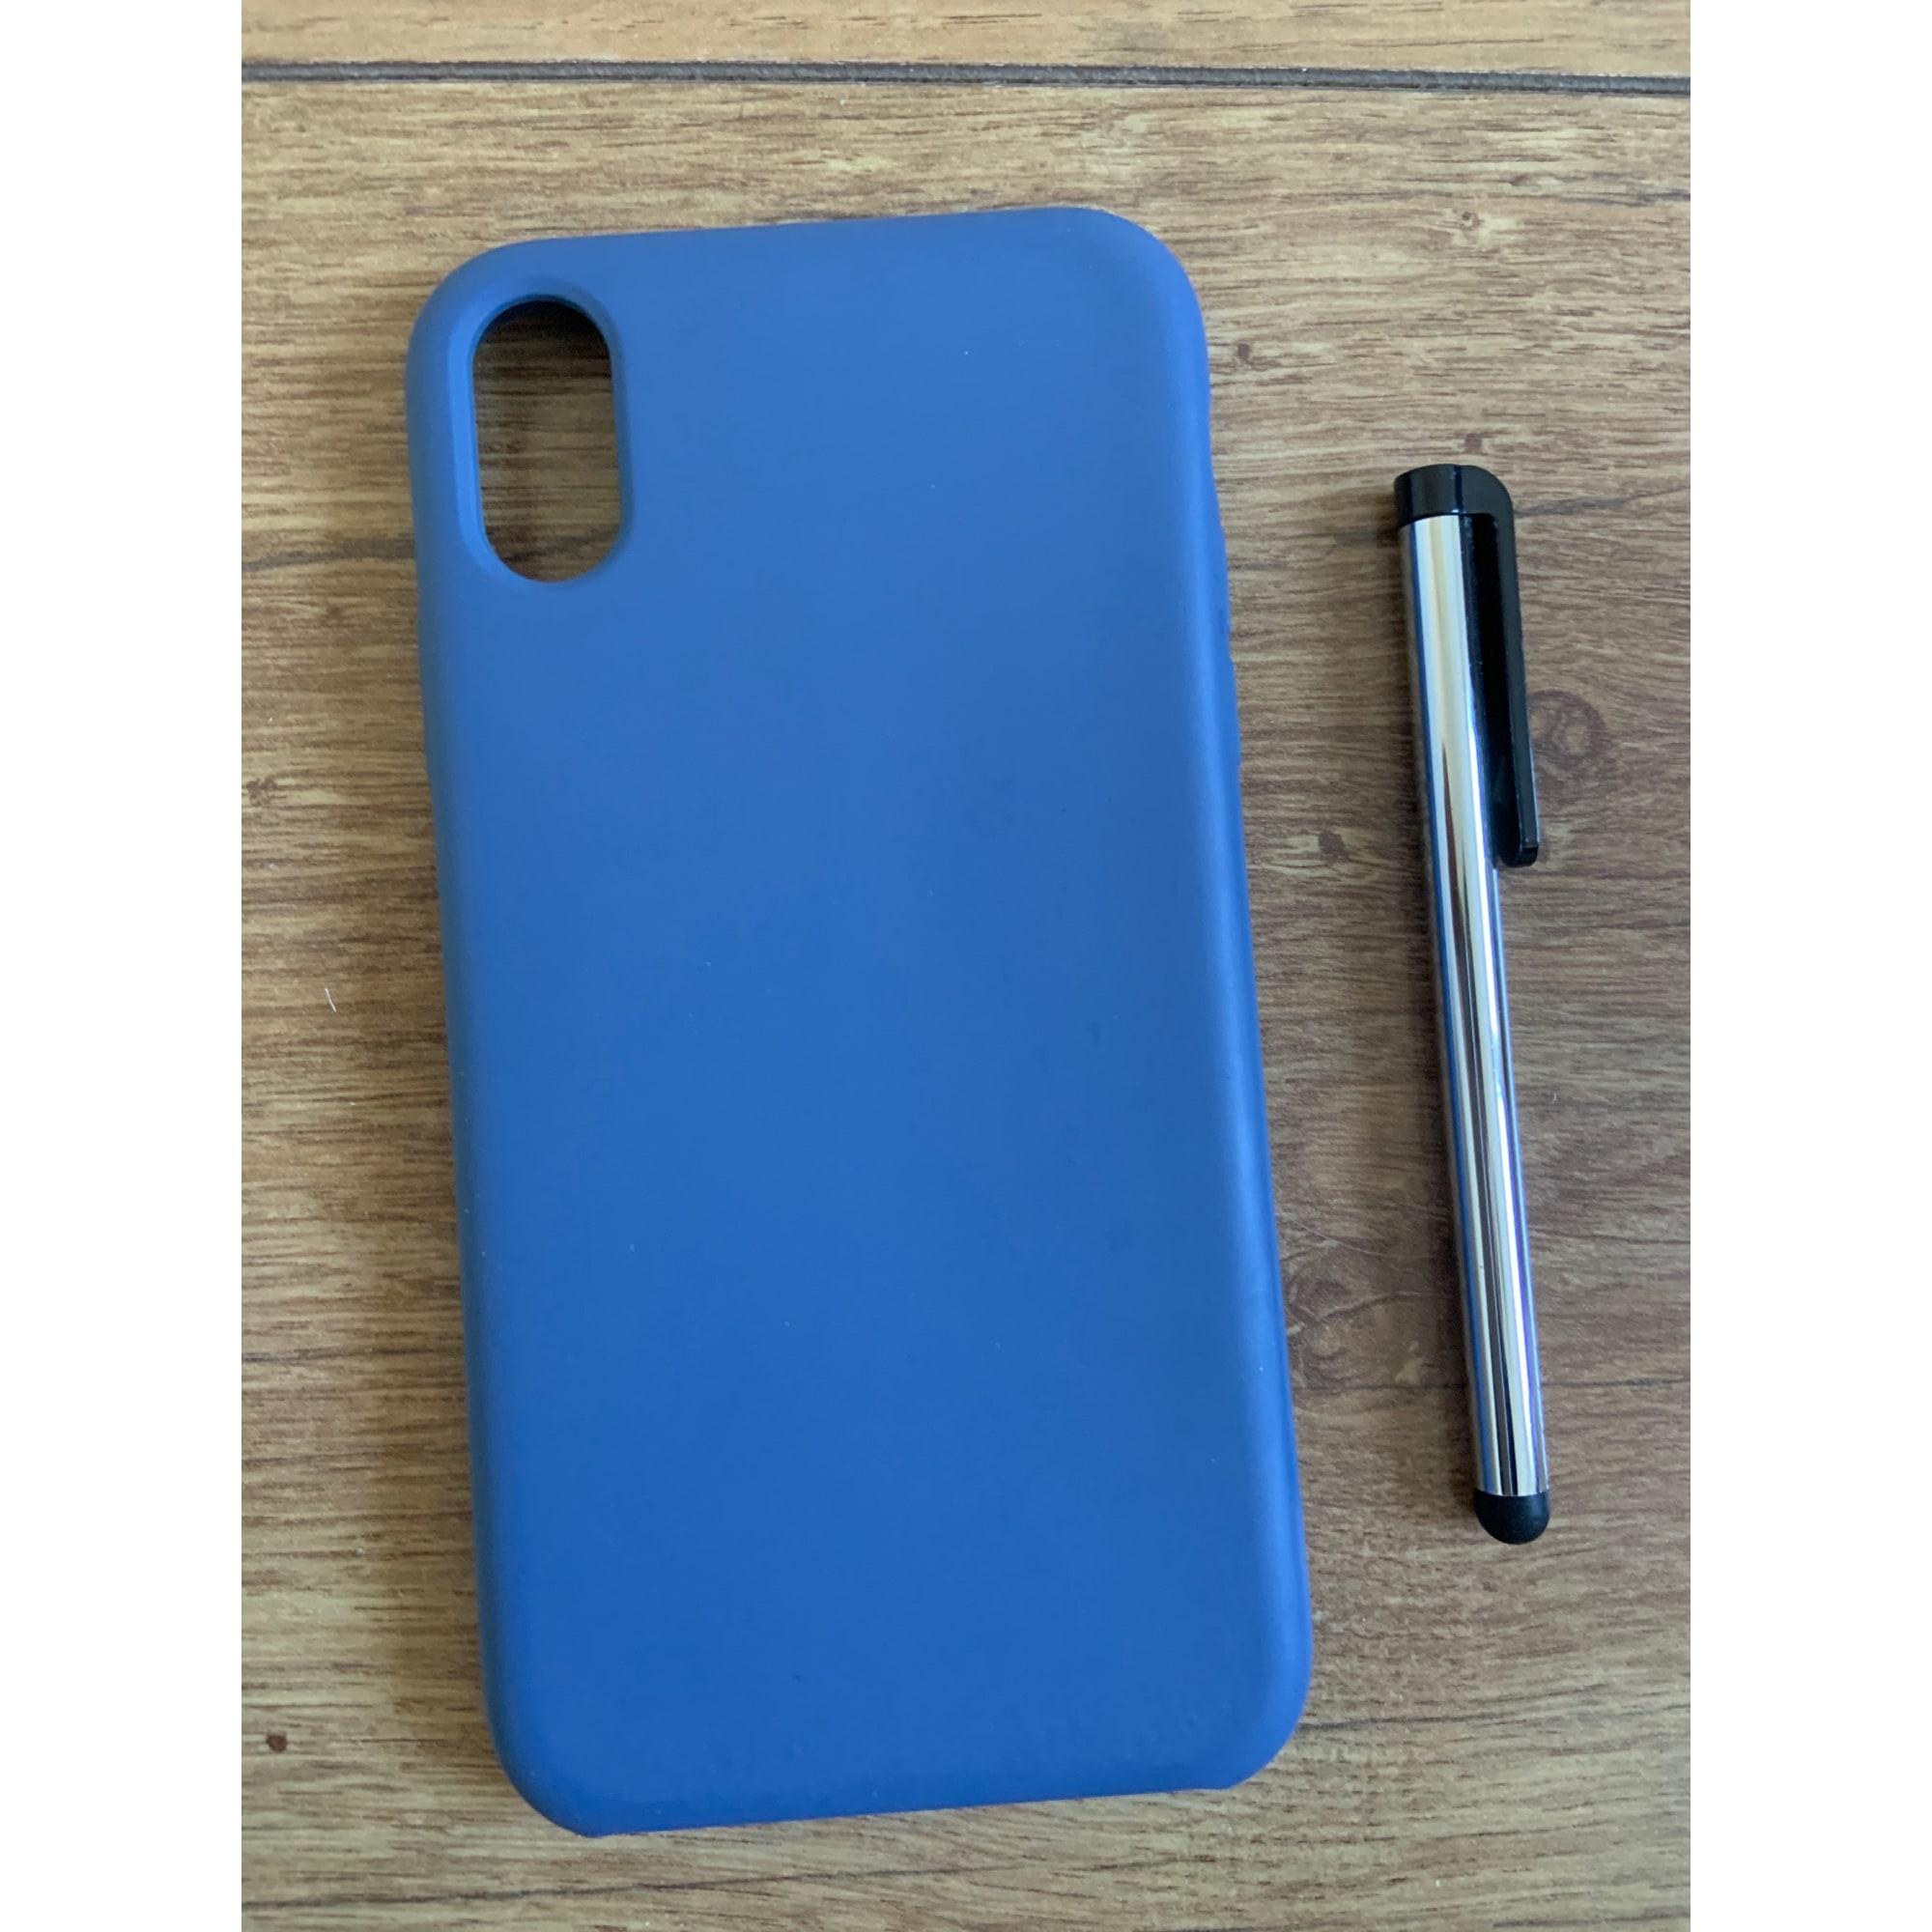 Bretelles LA COQUE FRANCAISE Bleu, bleu marine, bleu turquoise